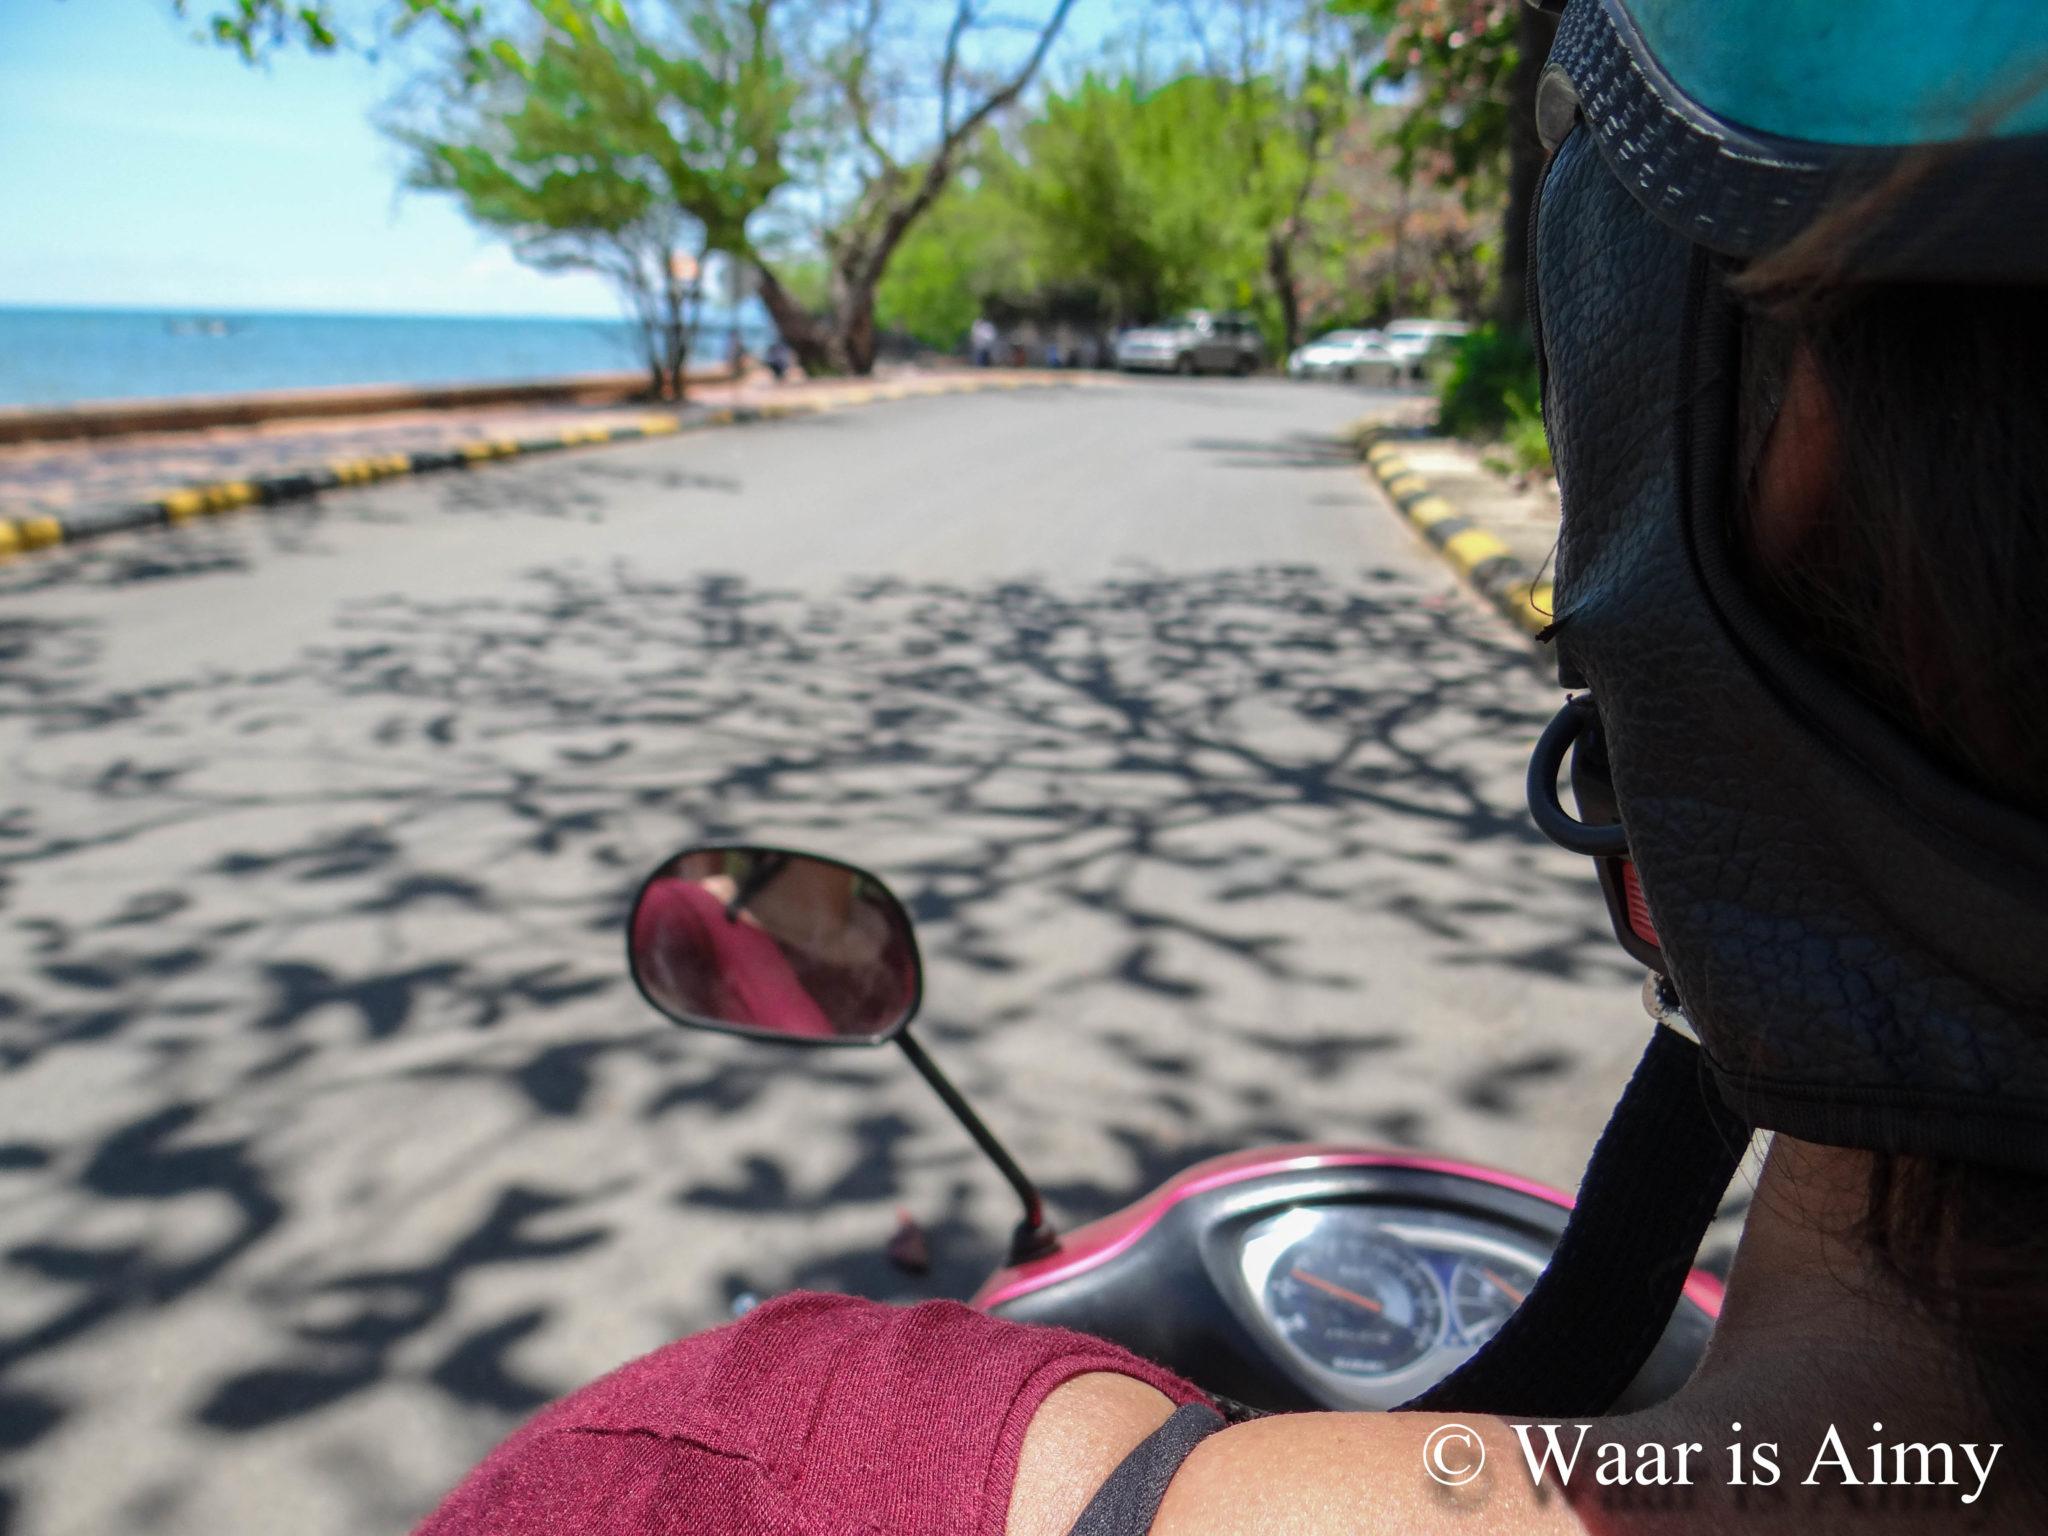 Scooter rijden - Waar is Aimy